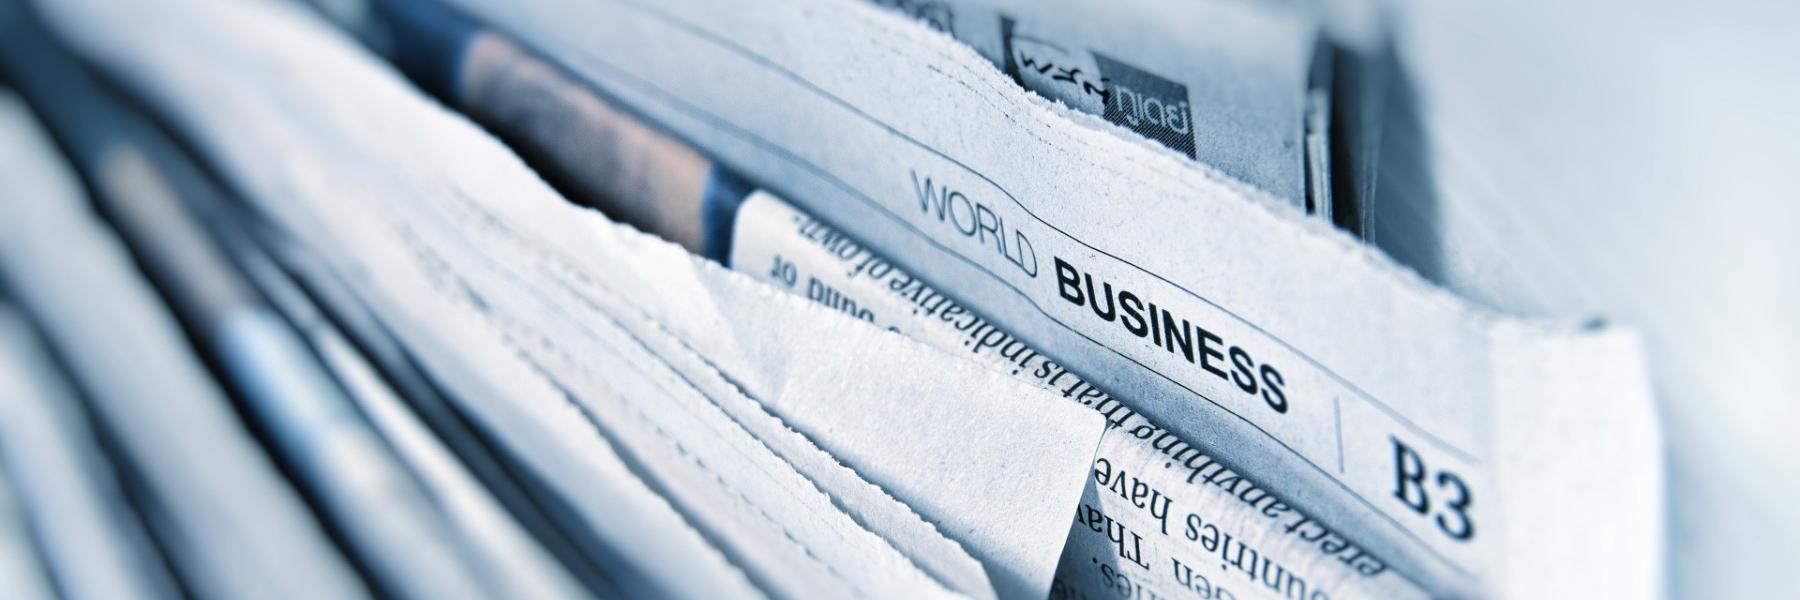 Sosyal Güvenlik ve İş Mevzuatı Hizmetlerine ait makaleleri betimleyen gazeteler